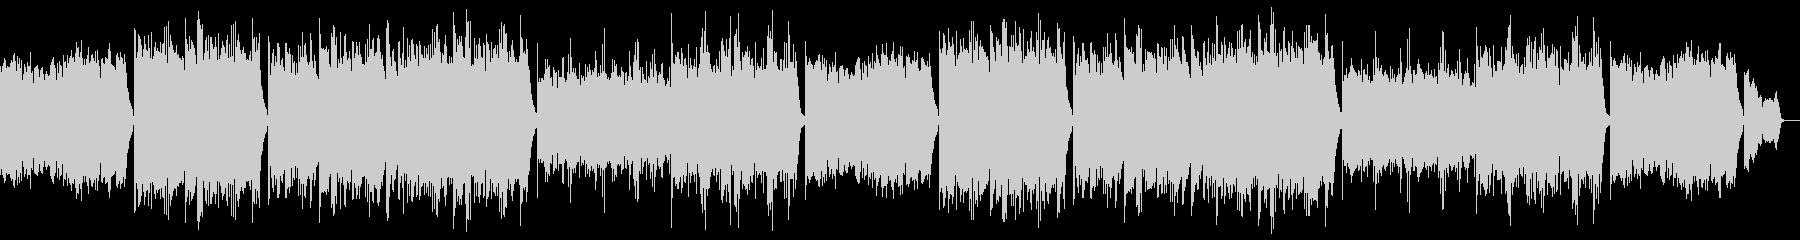 優しく落ち着くピアノポップ:フルx2の未再生の波形